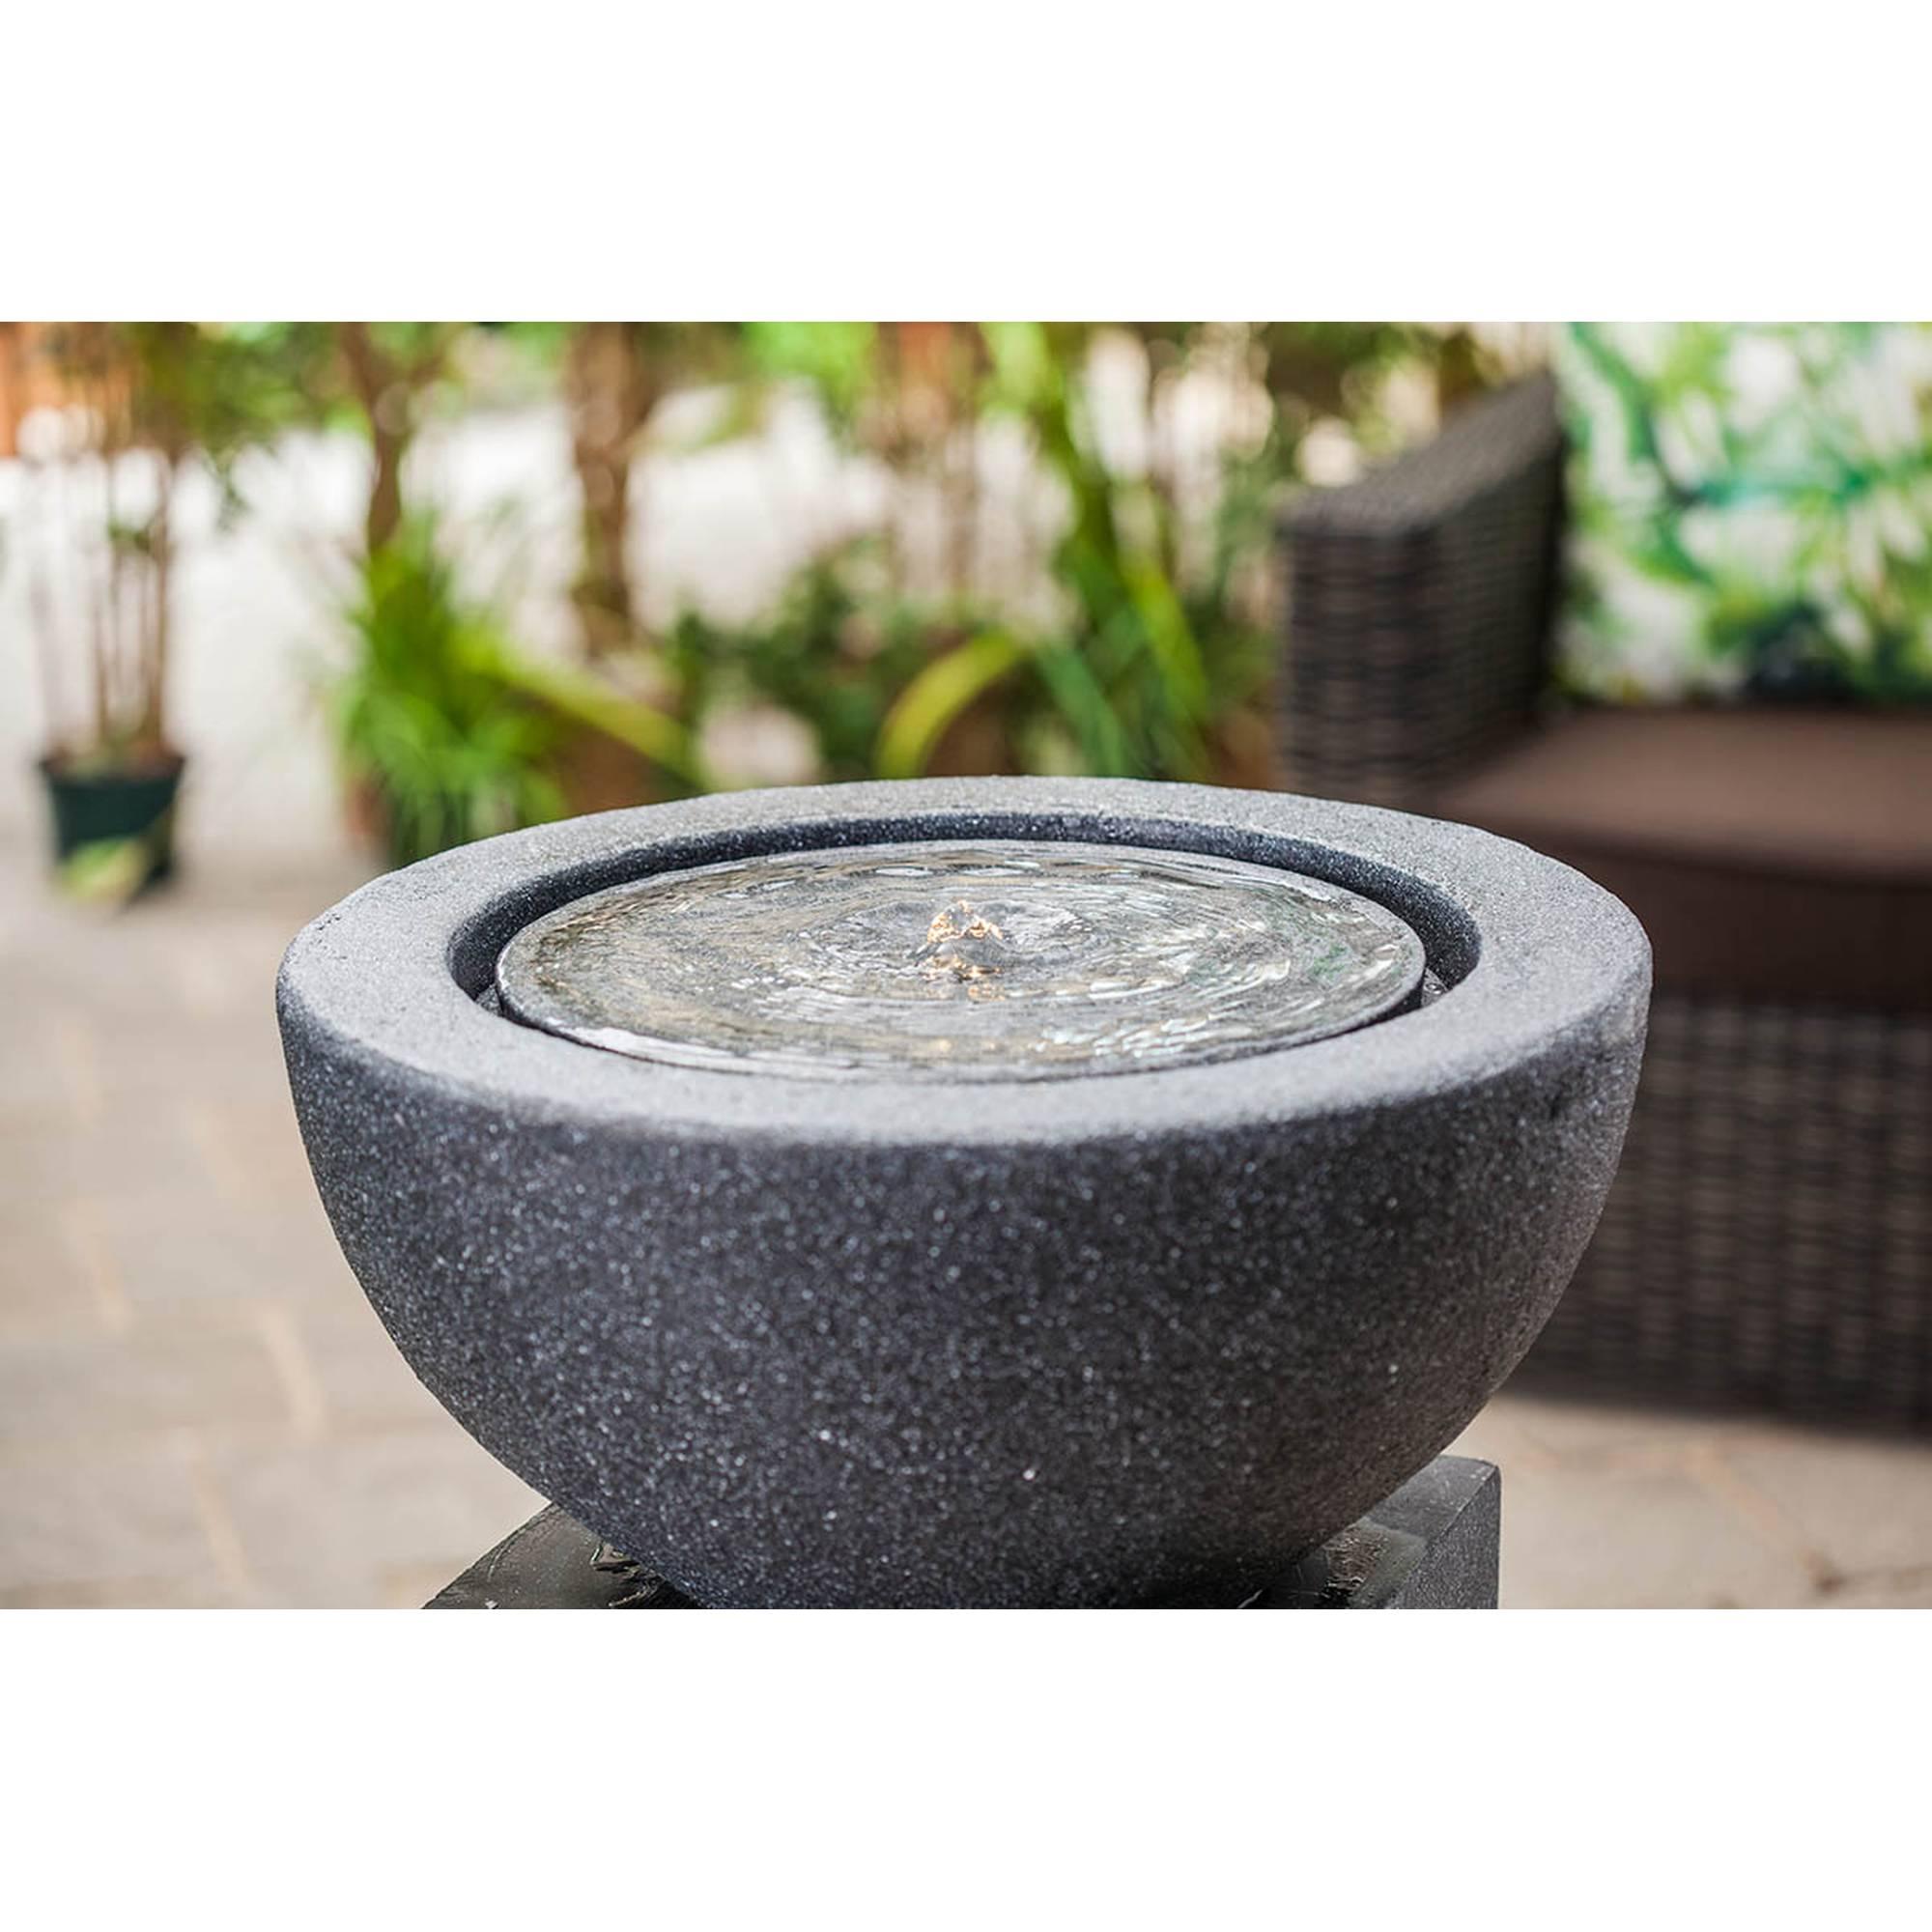 grauer halbrunder Gartenbrunnen auf Podest